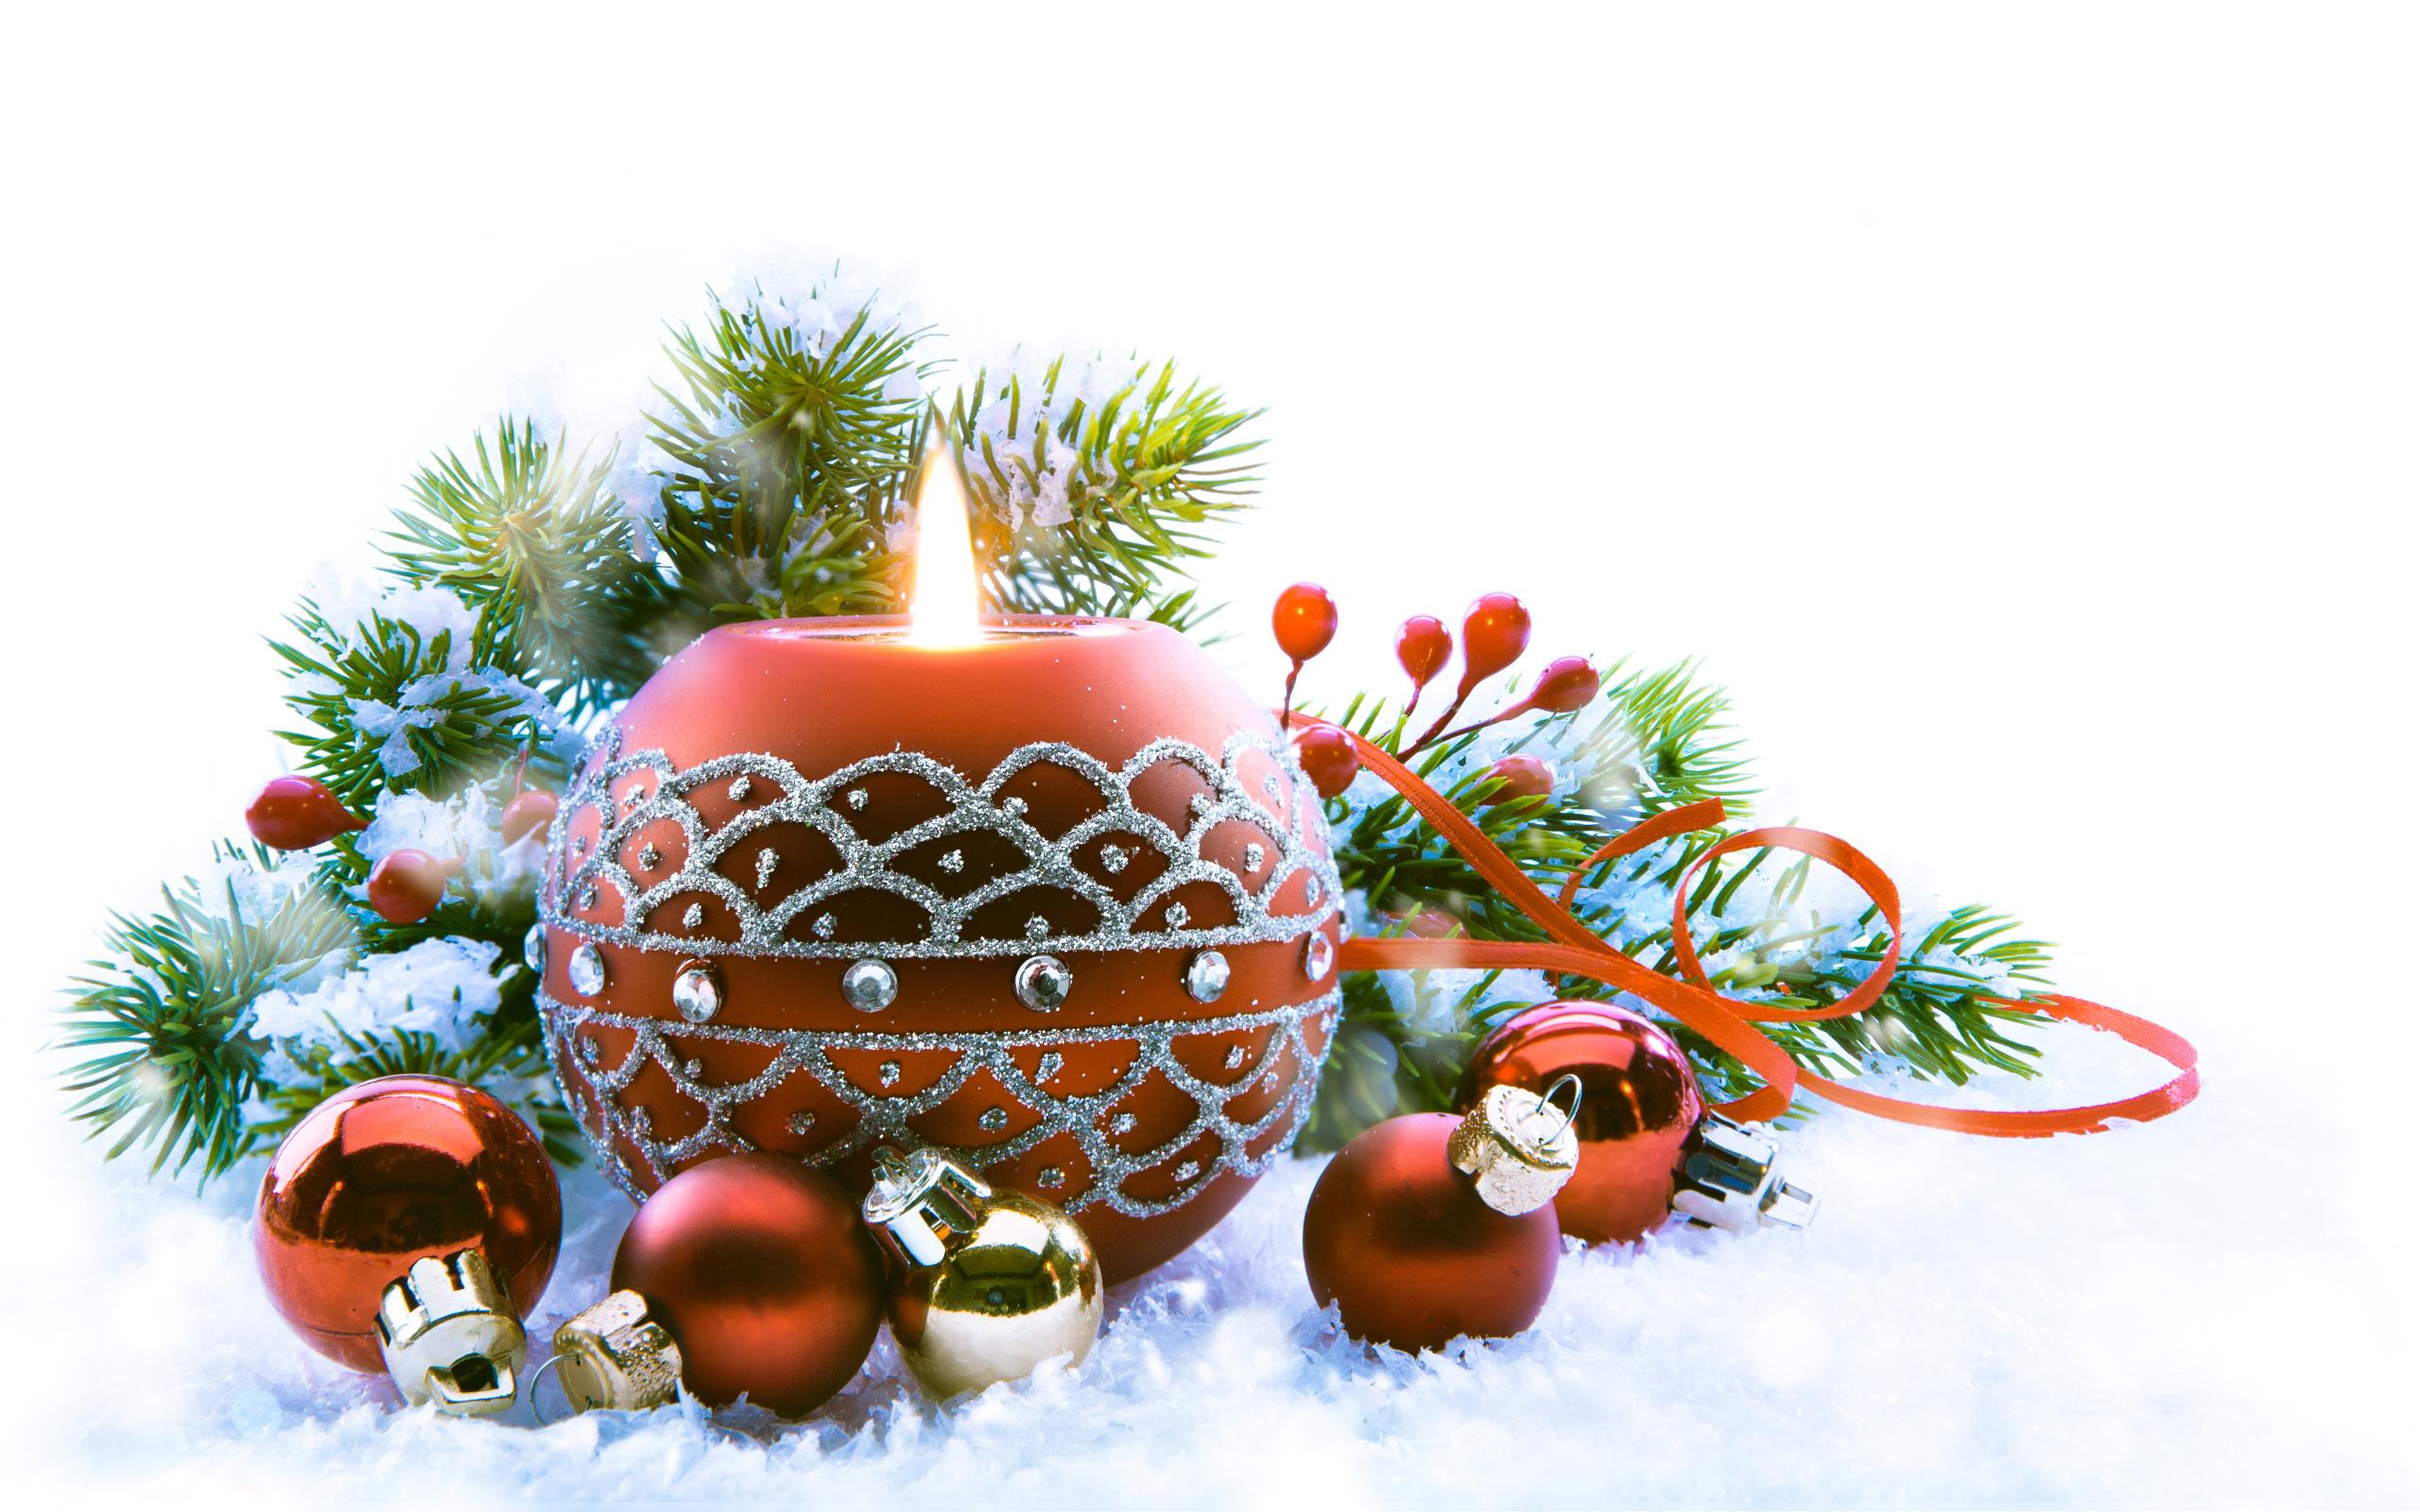 Праздник новый год Holiday new year загрузить